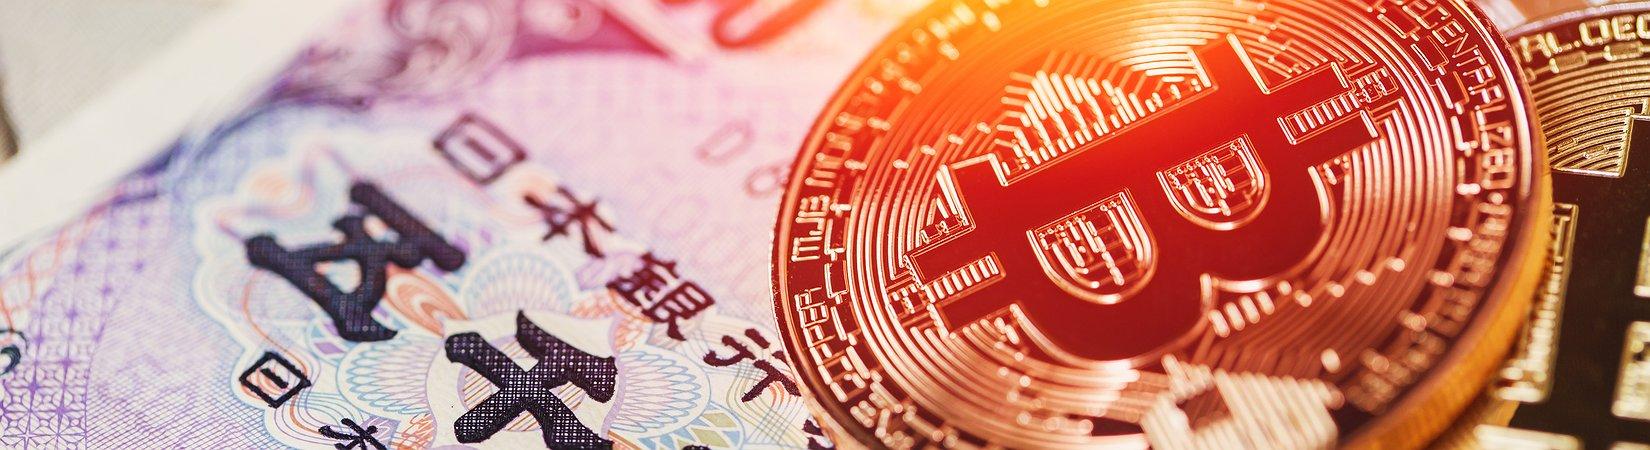 Revisión del mercado de las criptomonedas: noticias más importantes del 09/02/2018